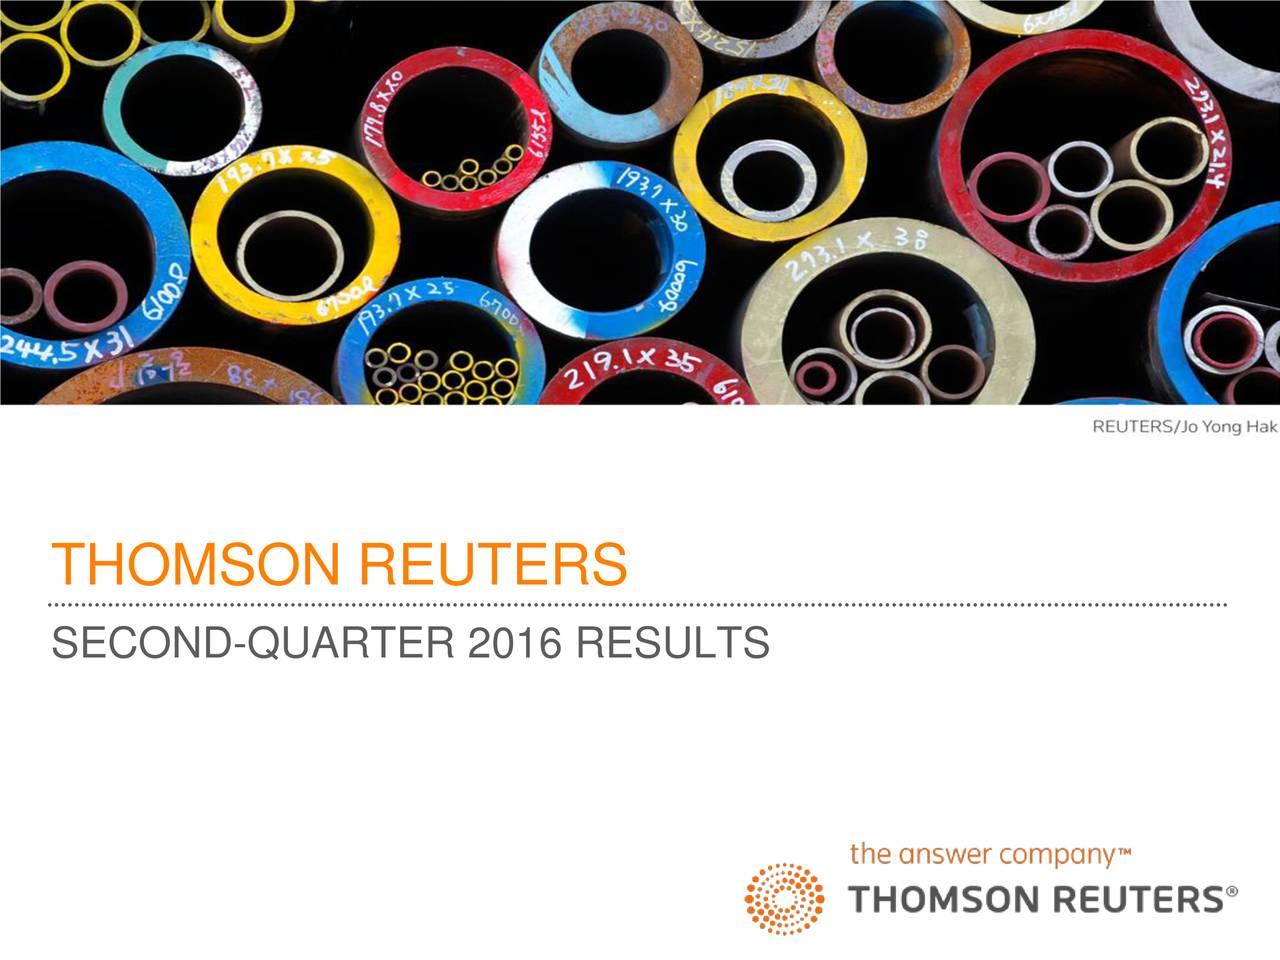 SECOND-QUARTER 2016 RESULTS